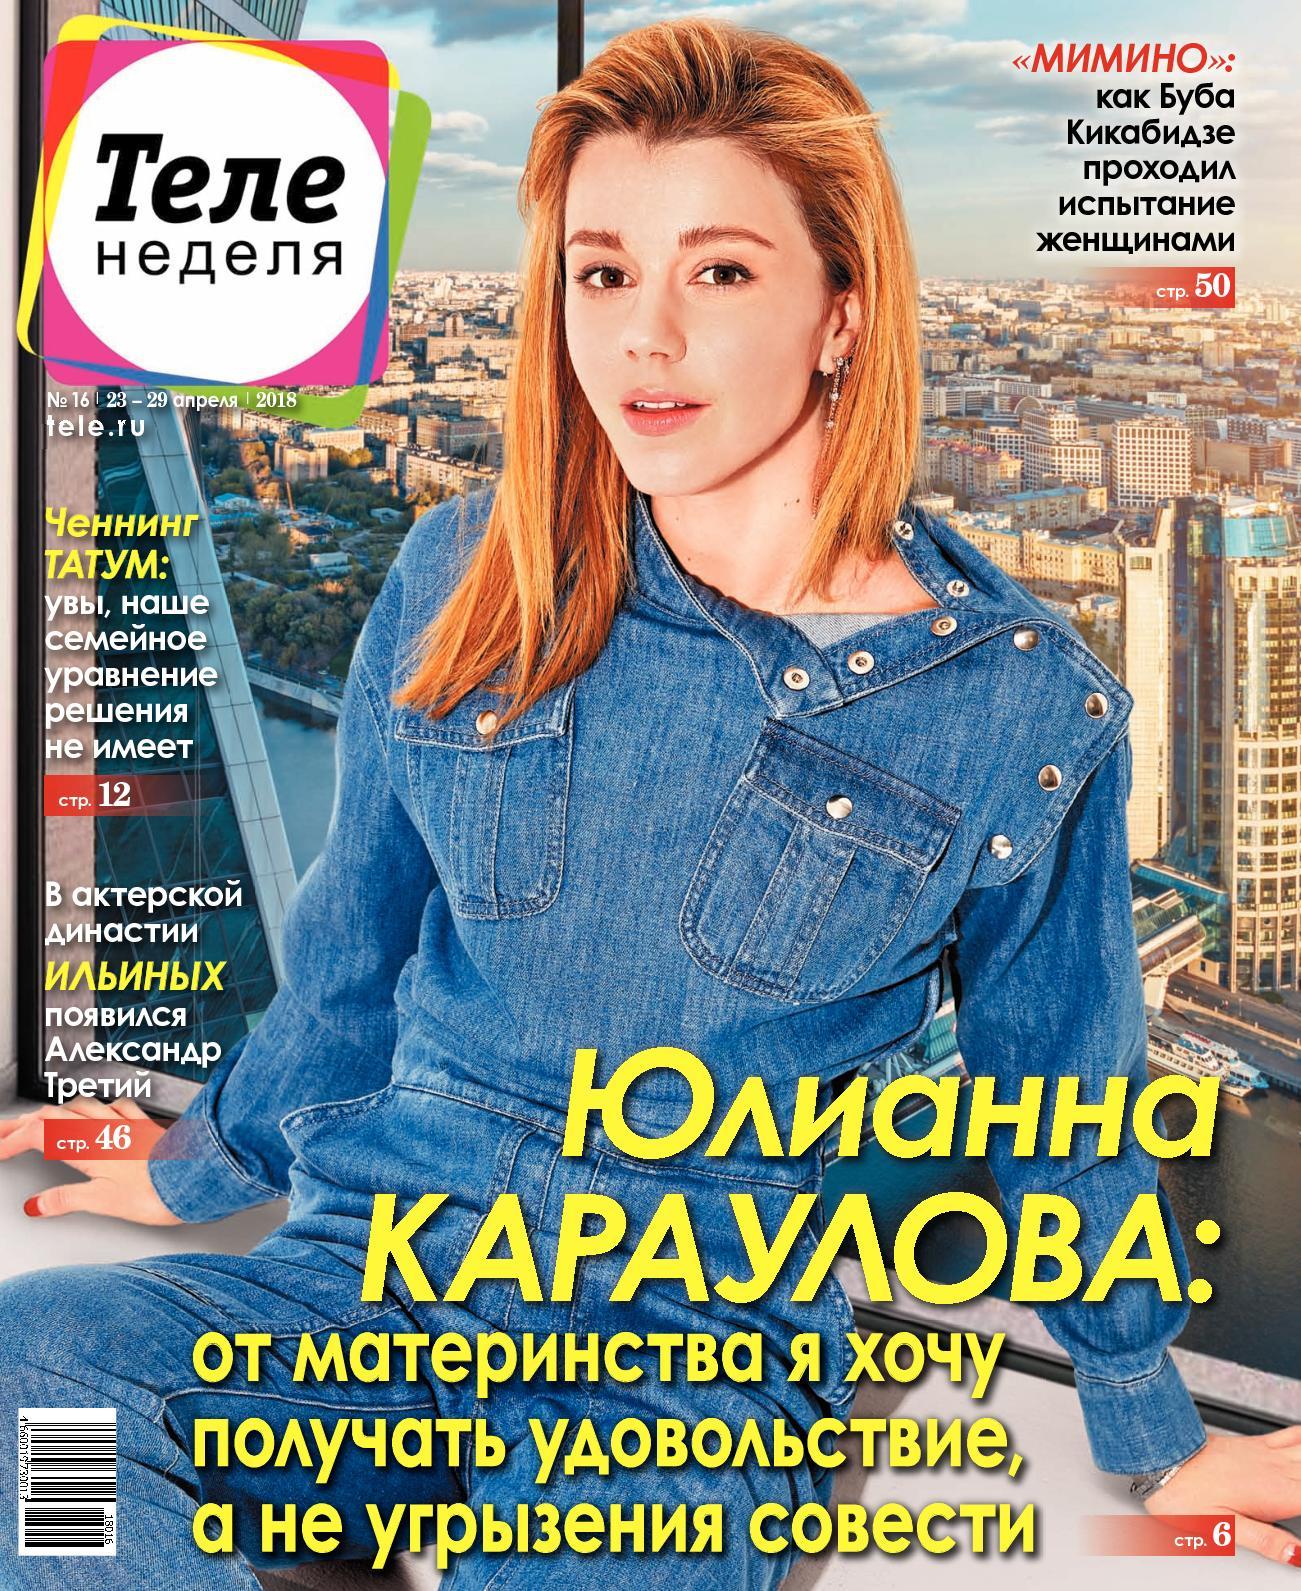 Порно архив молоденьких девочек ролики российское